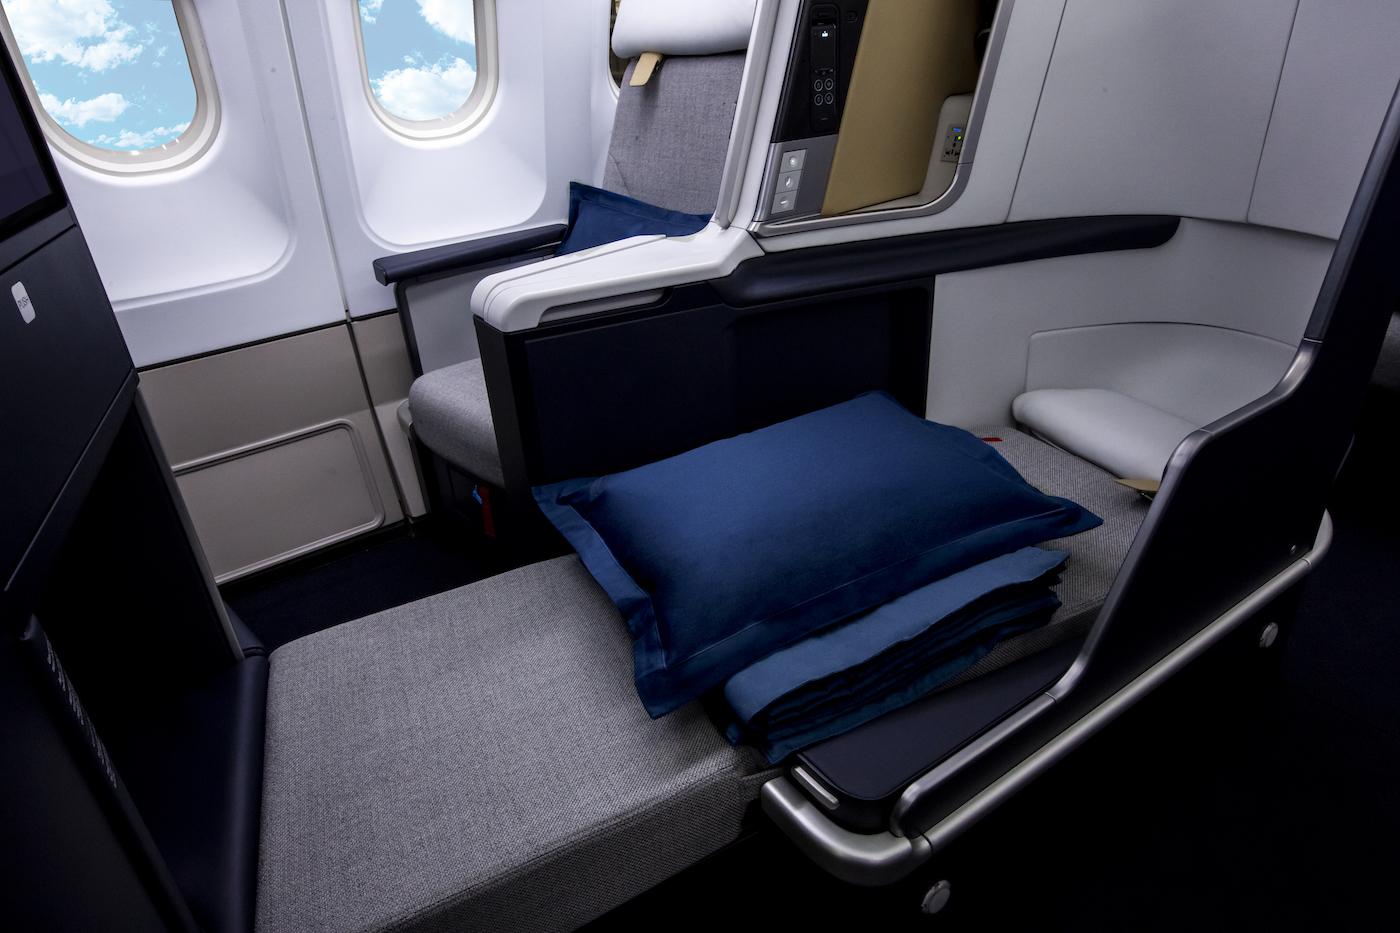 Air France präsentiert die neue Business Klasse im Airbus A330 4